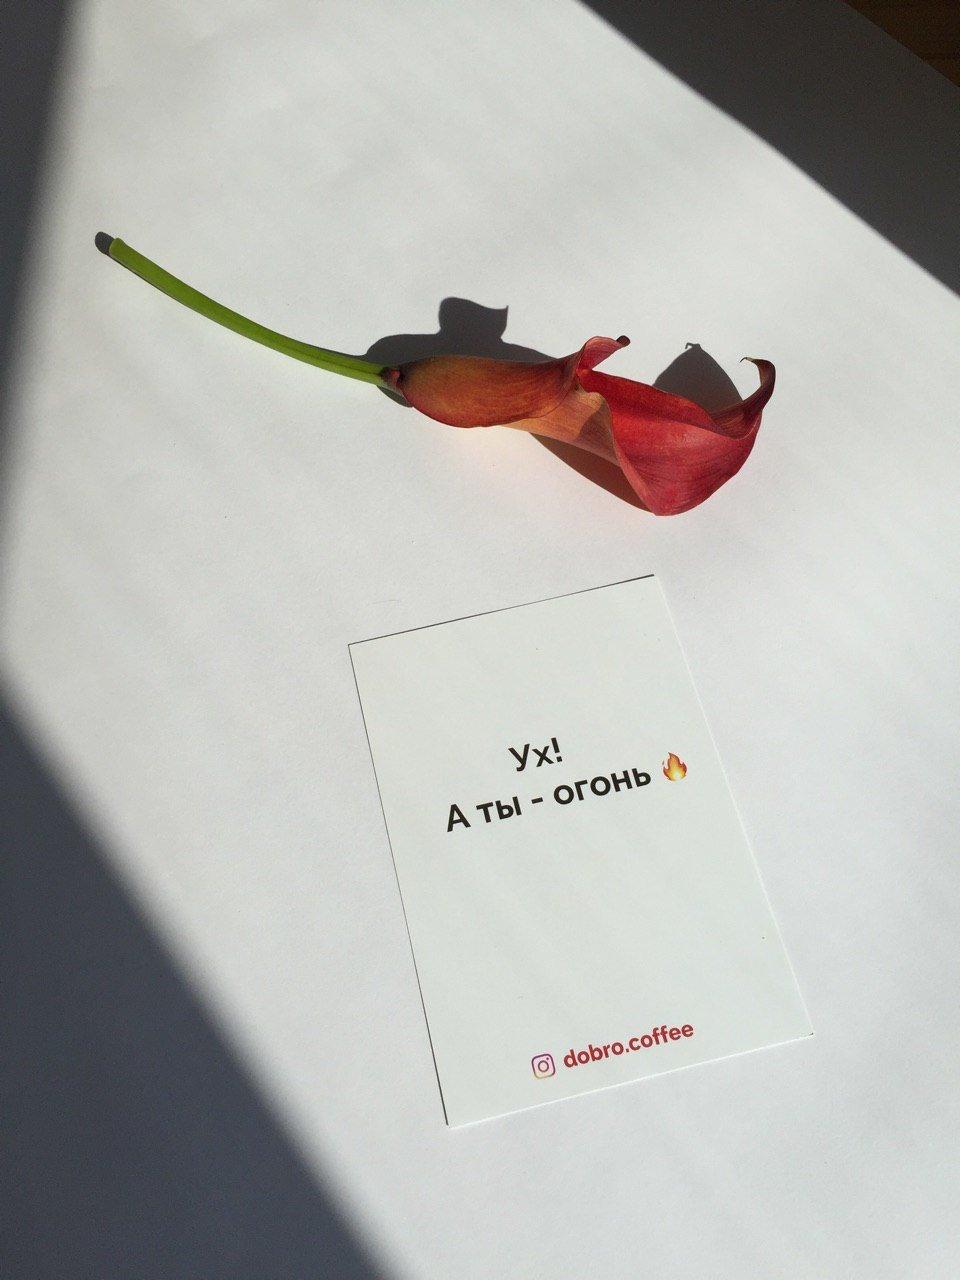 «Ух! А ты — огонь»: как кофе-точка в Днепре заставляет улыбаться случайных прохожих и кто за этим стоит, - ФОТО, ВИДЕО, фото-4